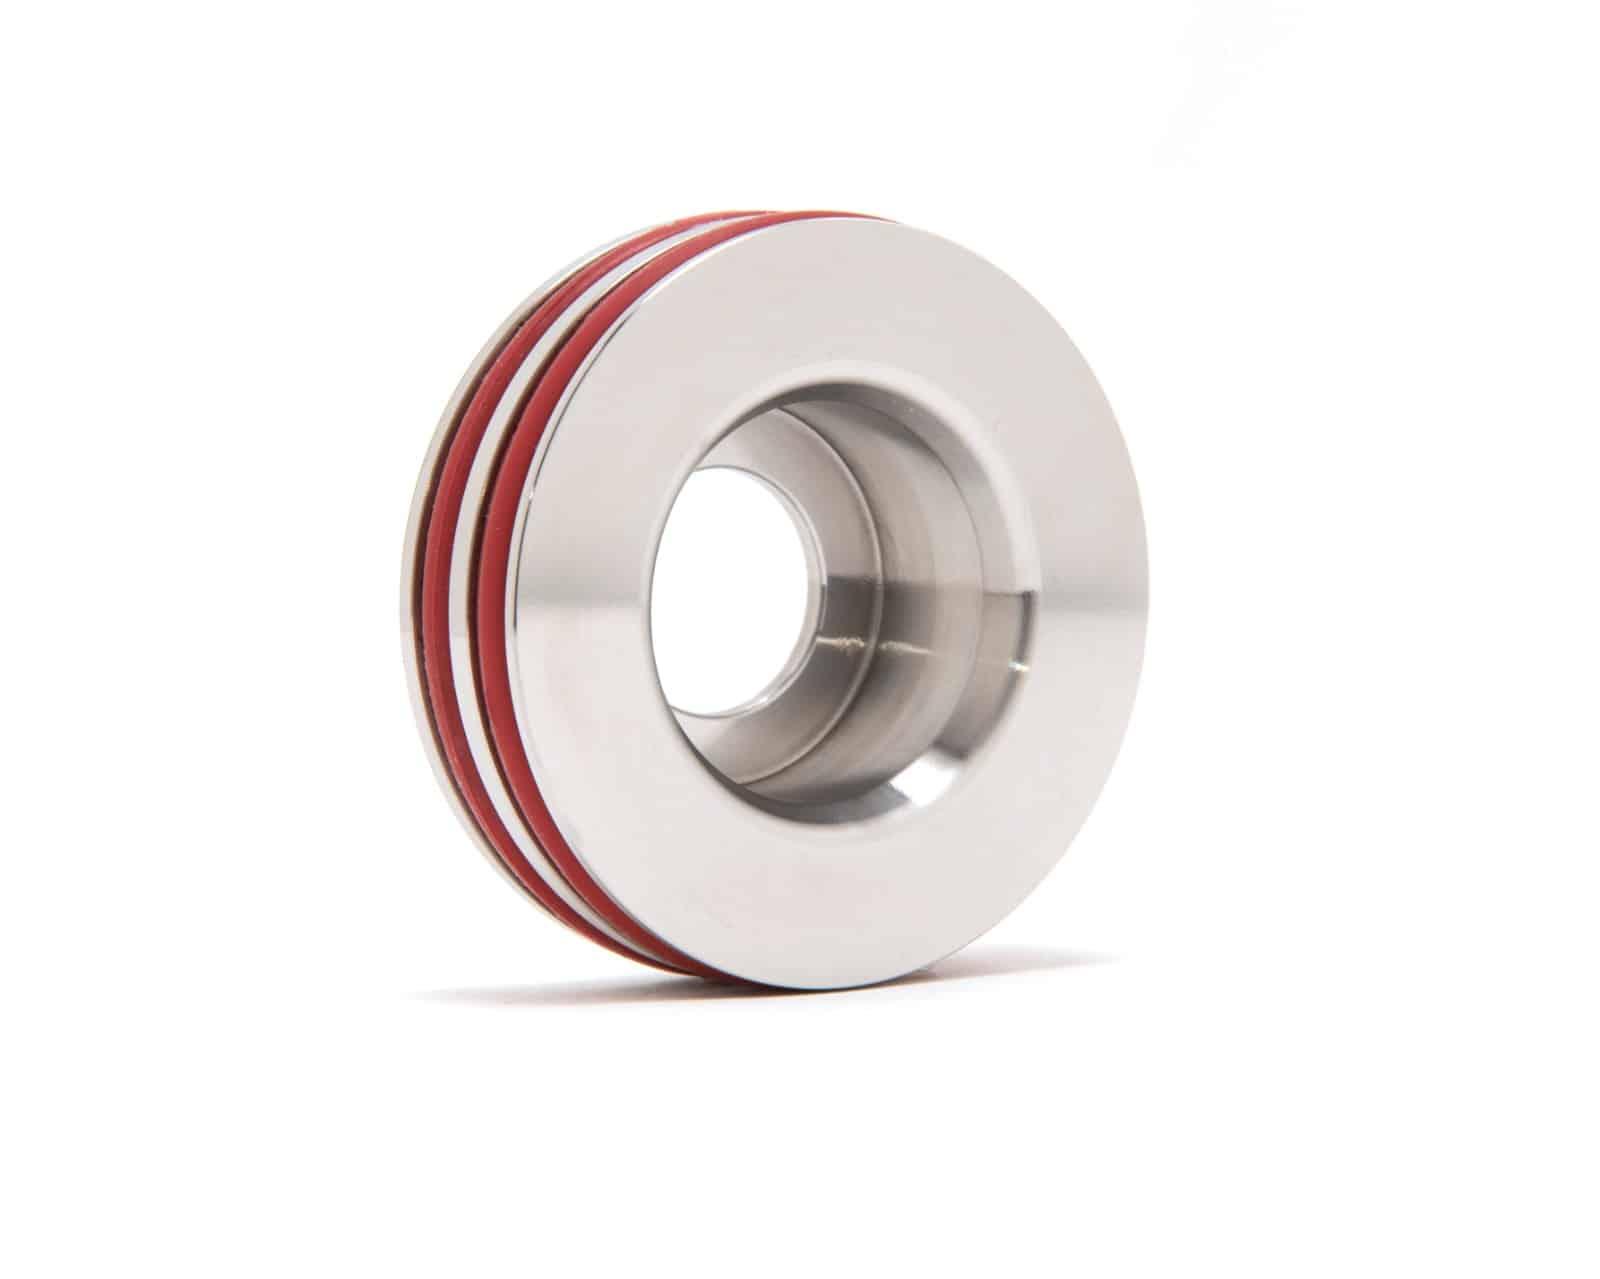 不鏽鋼柱塞 (標準機型專用壓力錶組零件)